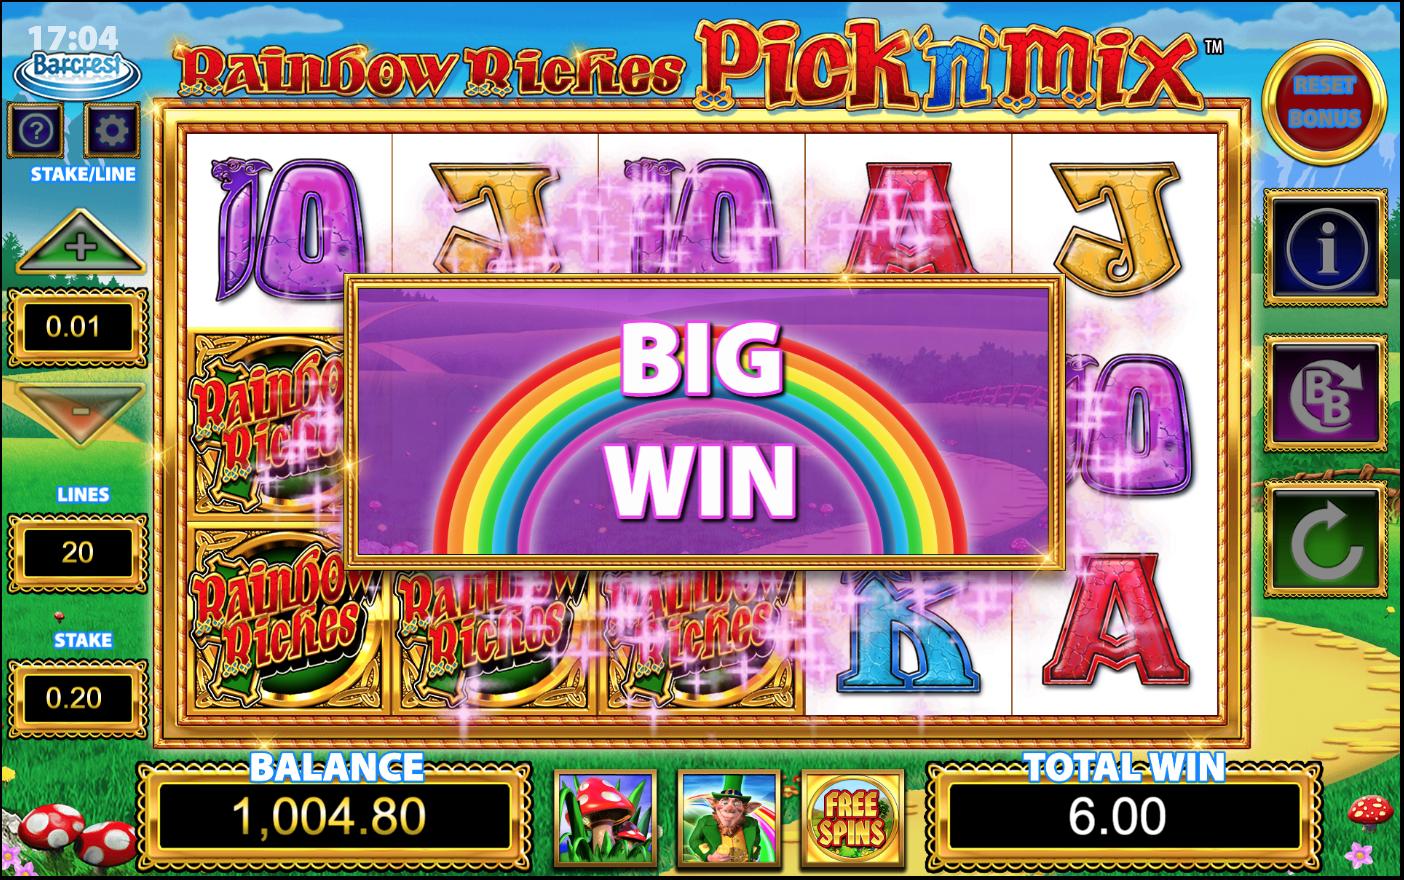 Rainbow Riches Pick'n'Mix big win